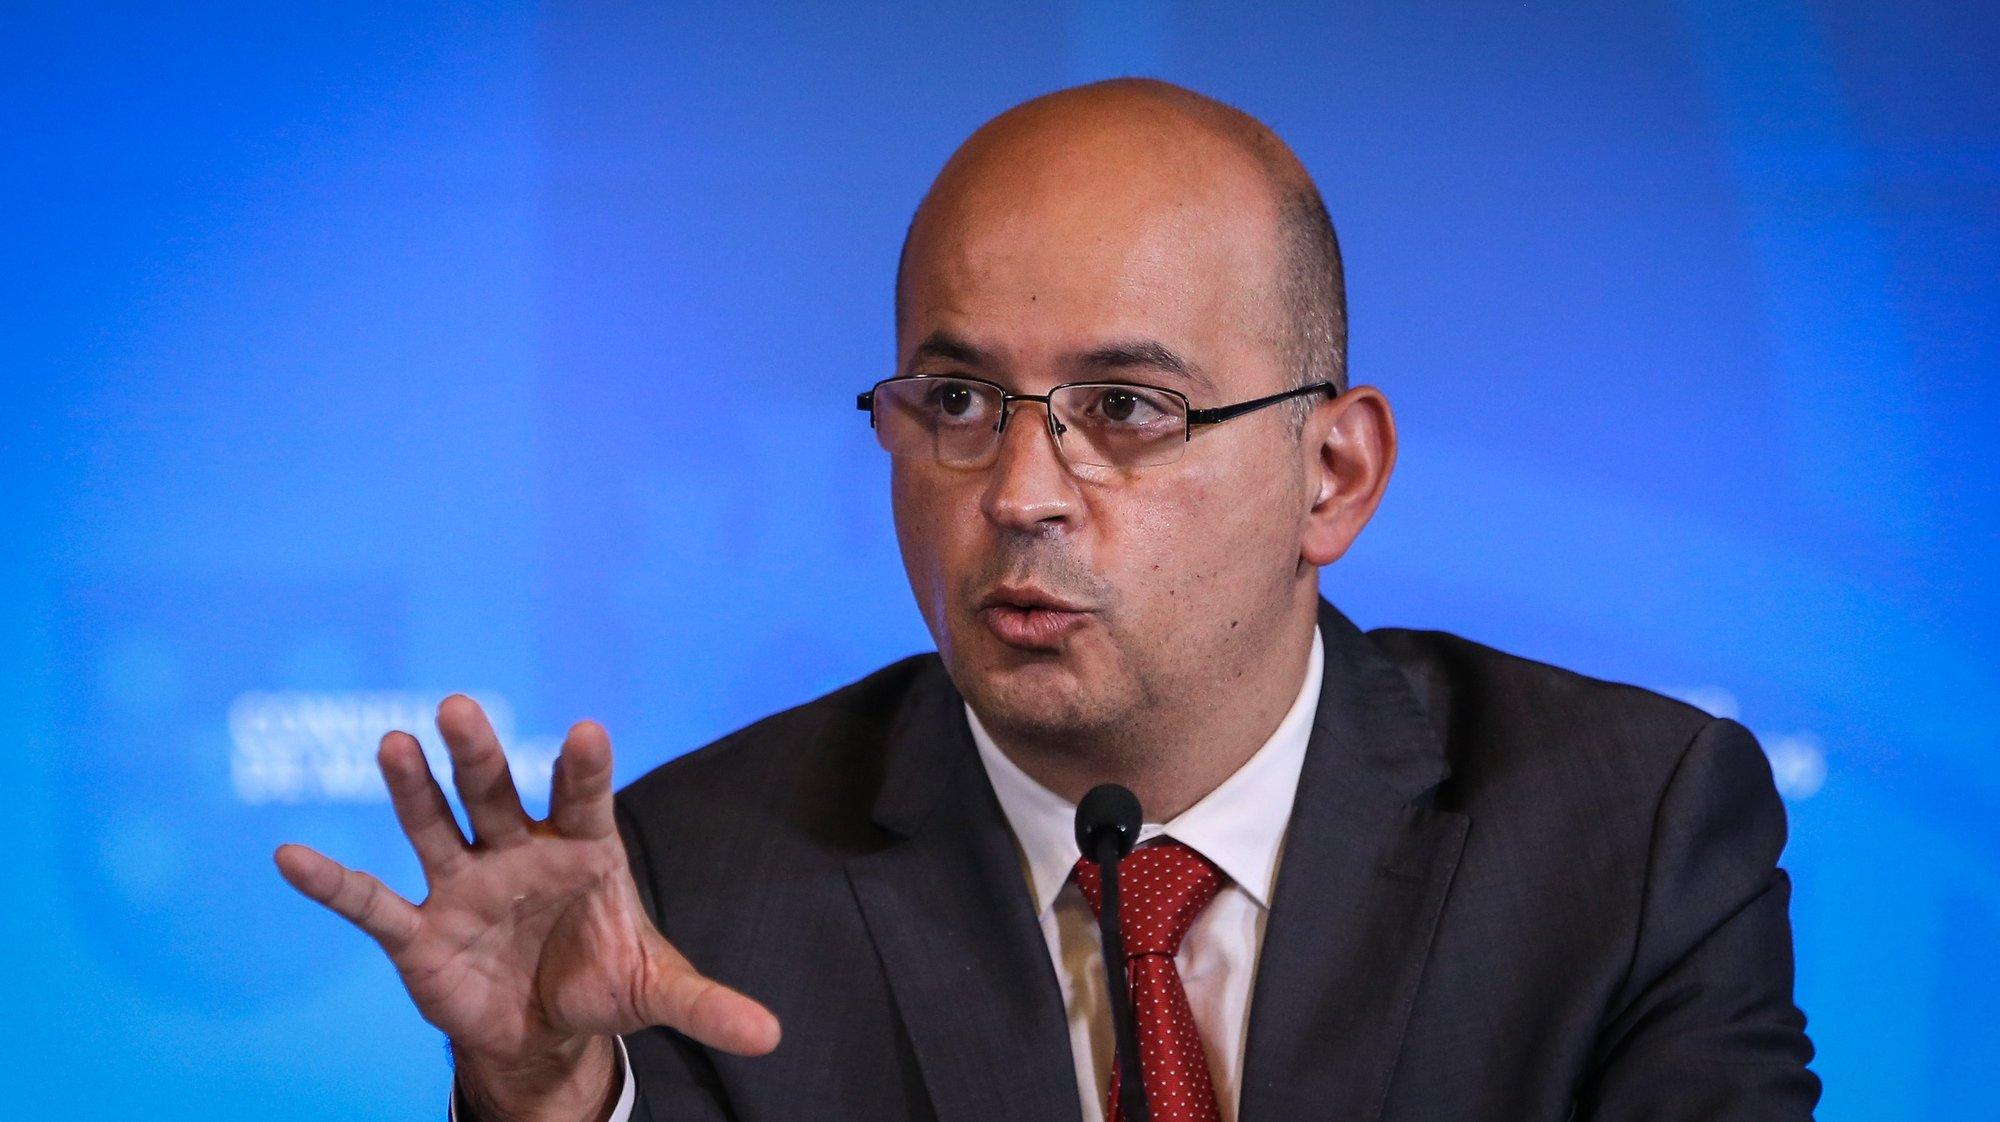 O ministro de Estado e das Finanças, João Leão, fala aos jornalistas no final da reunião do Conselho de Ministros no Palácio da Ajuda,  em Lisboa, 27 de maio de 2021.  RODRIGO ANTUNES/LUSA